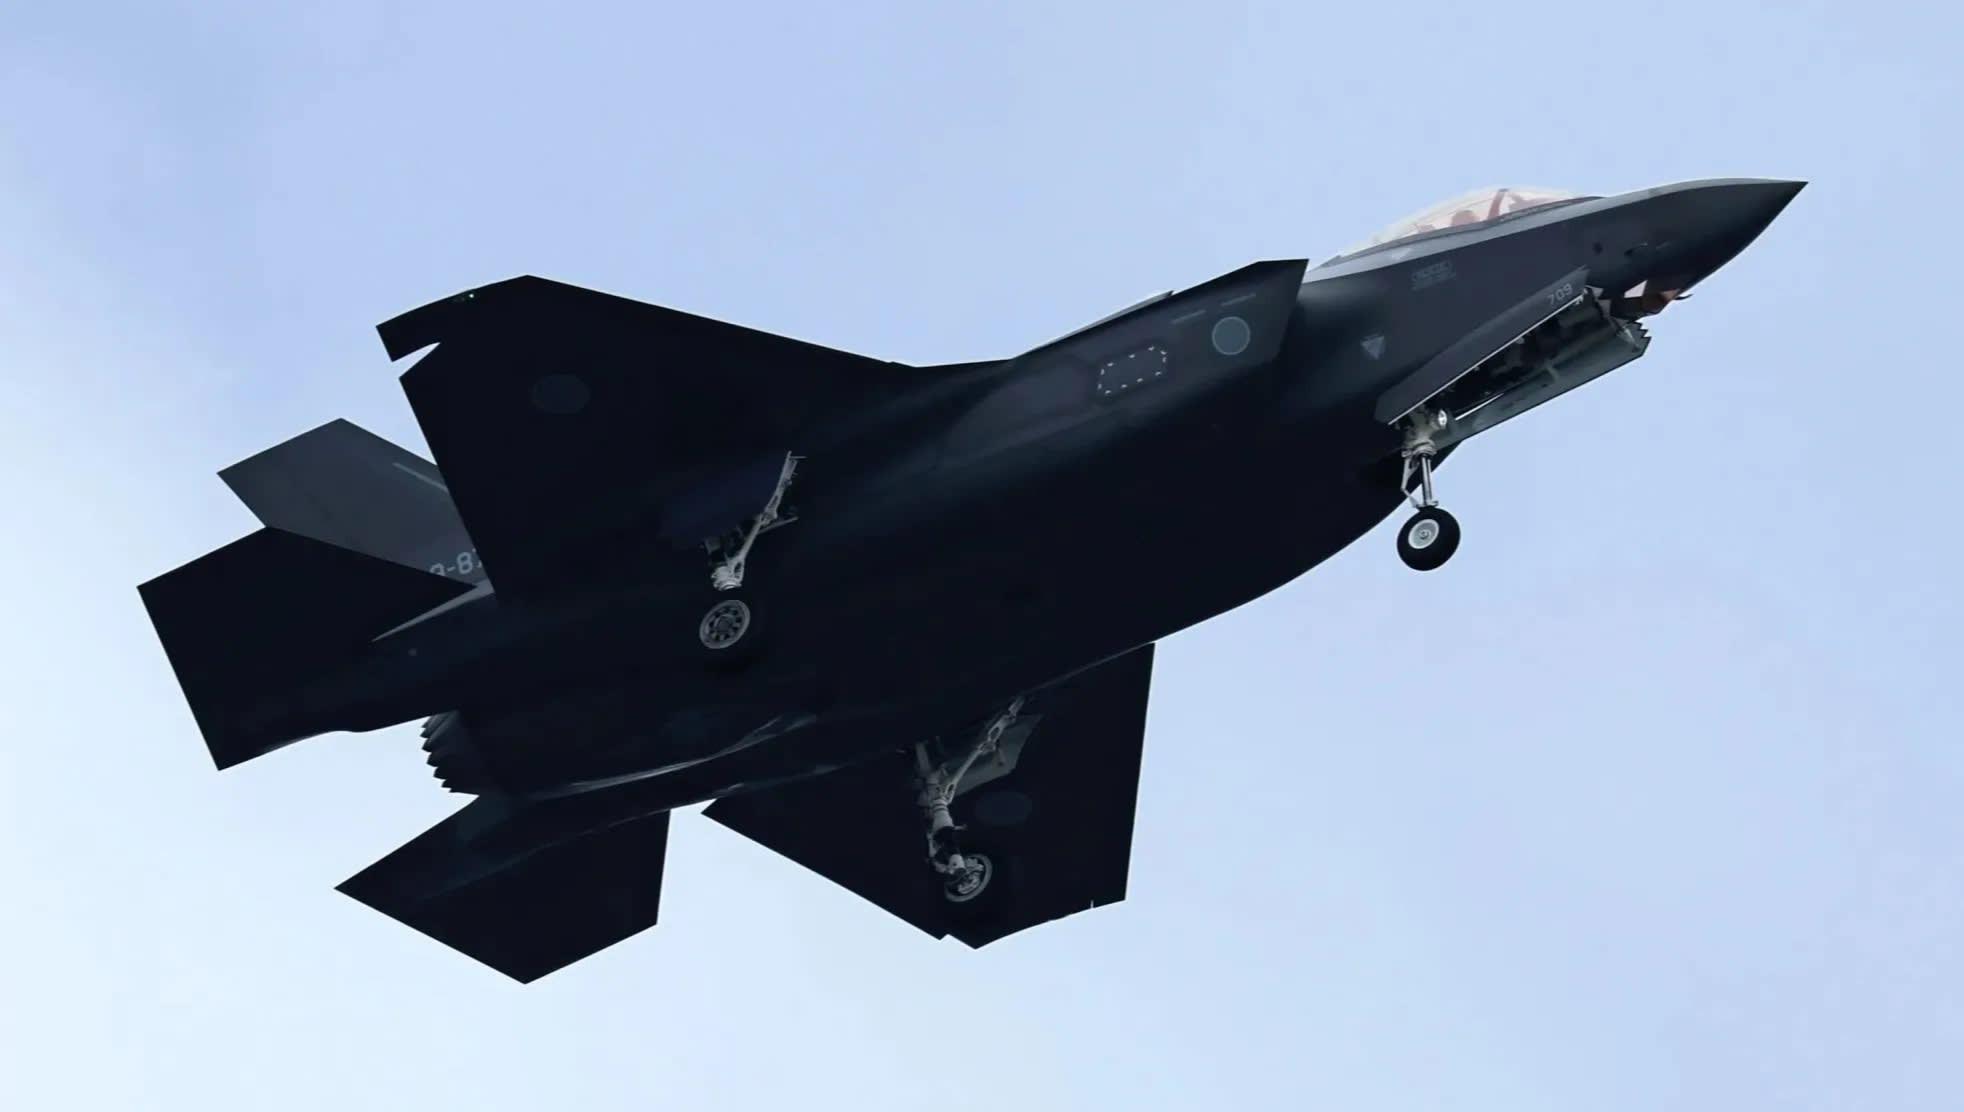 Nhật Bản tuyên bố vụ rơi máy bay chiến đấu F-35 không phải do lỗi kĩ thuật - Ảnh 1.